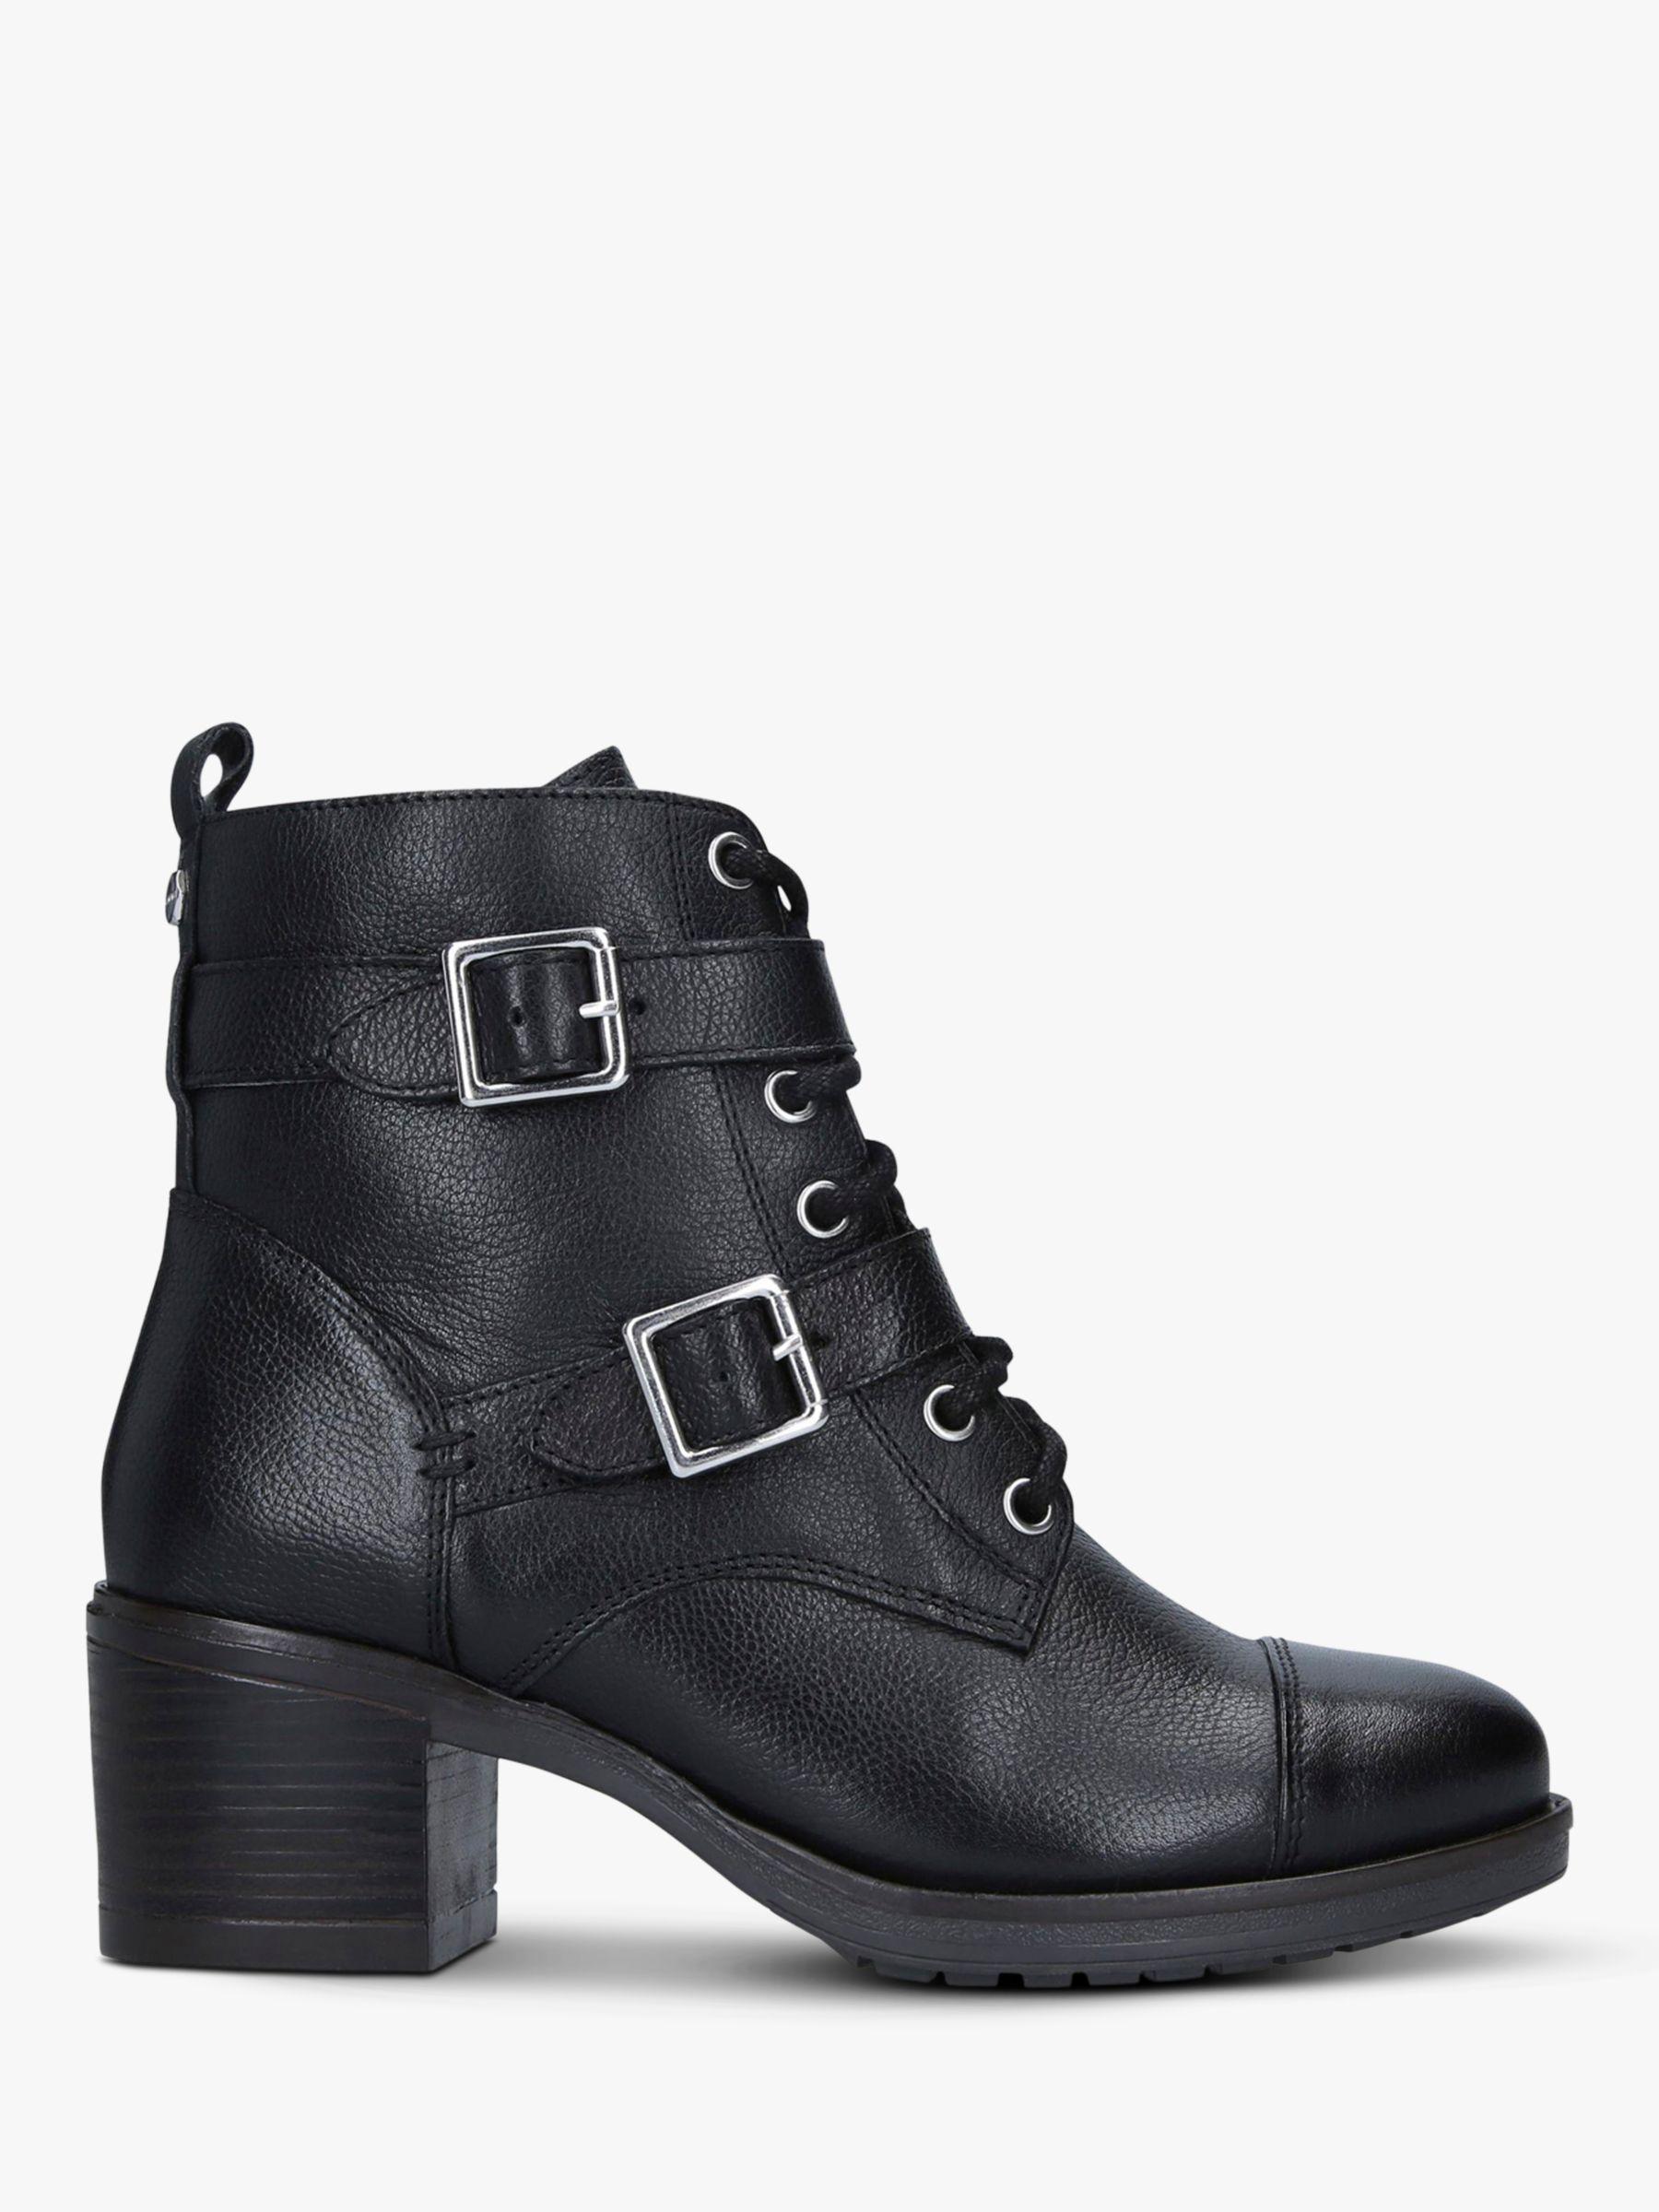 Carvela Carvela Stacey Leather Buckle Strap Ankle Boots, Black